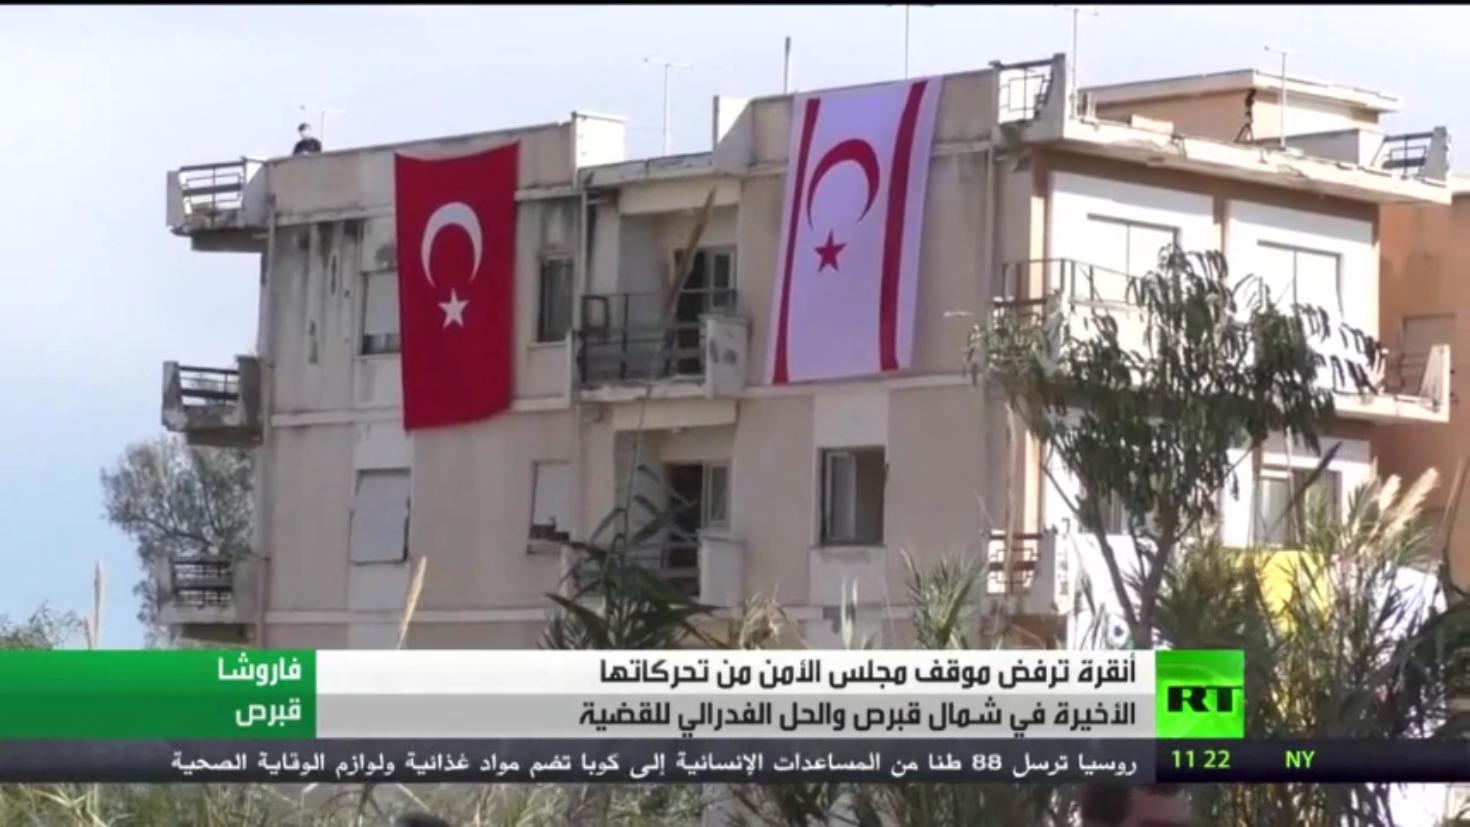 رفض تركي للموقف الغربي حول قبرص